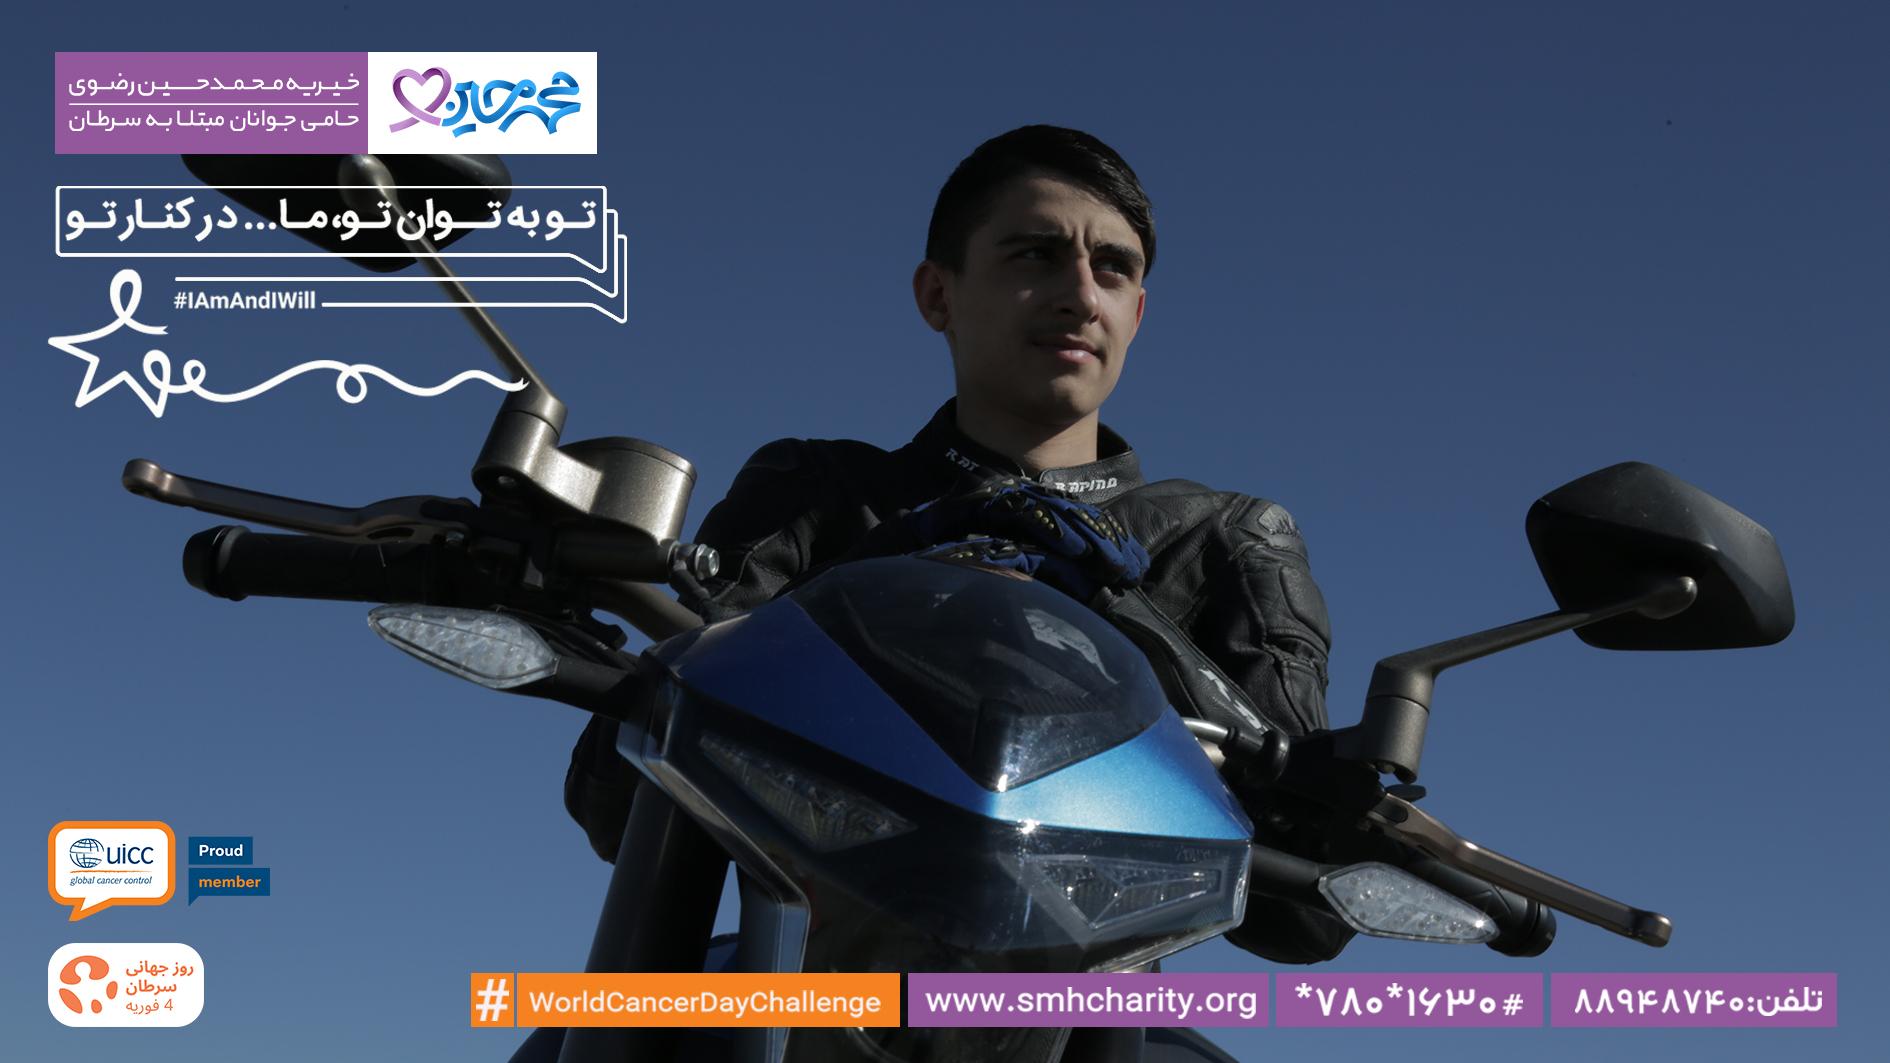 محمد رضا، چهارمین قهرمان کمپین تو_به_توان_تو